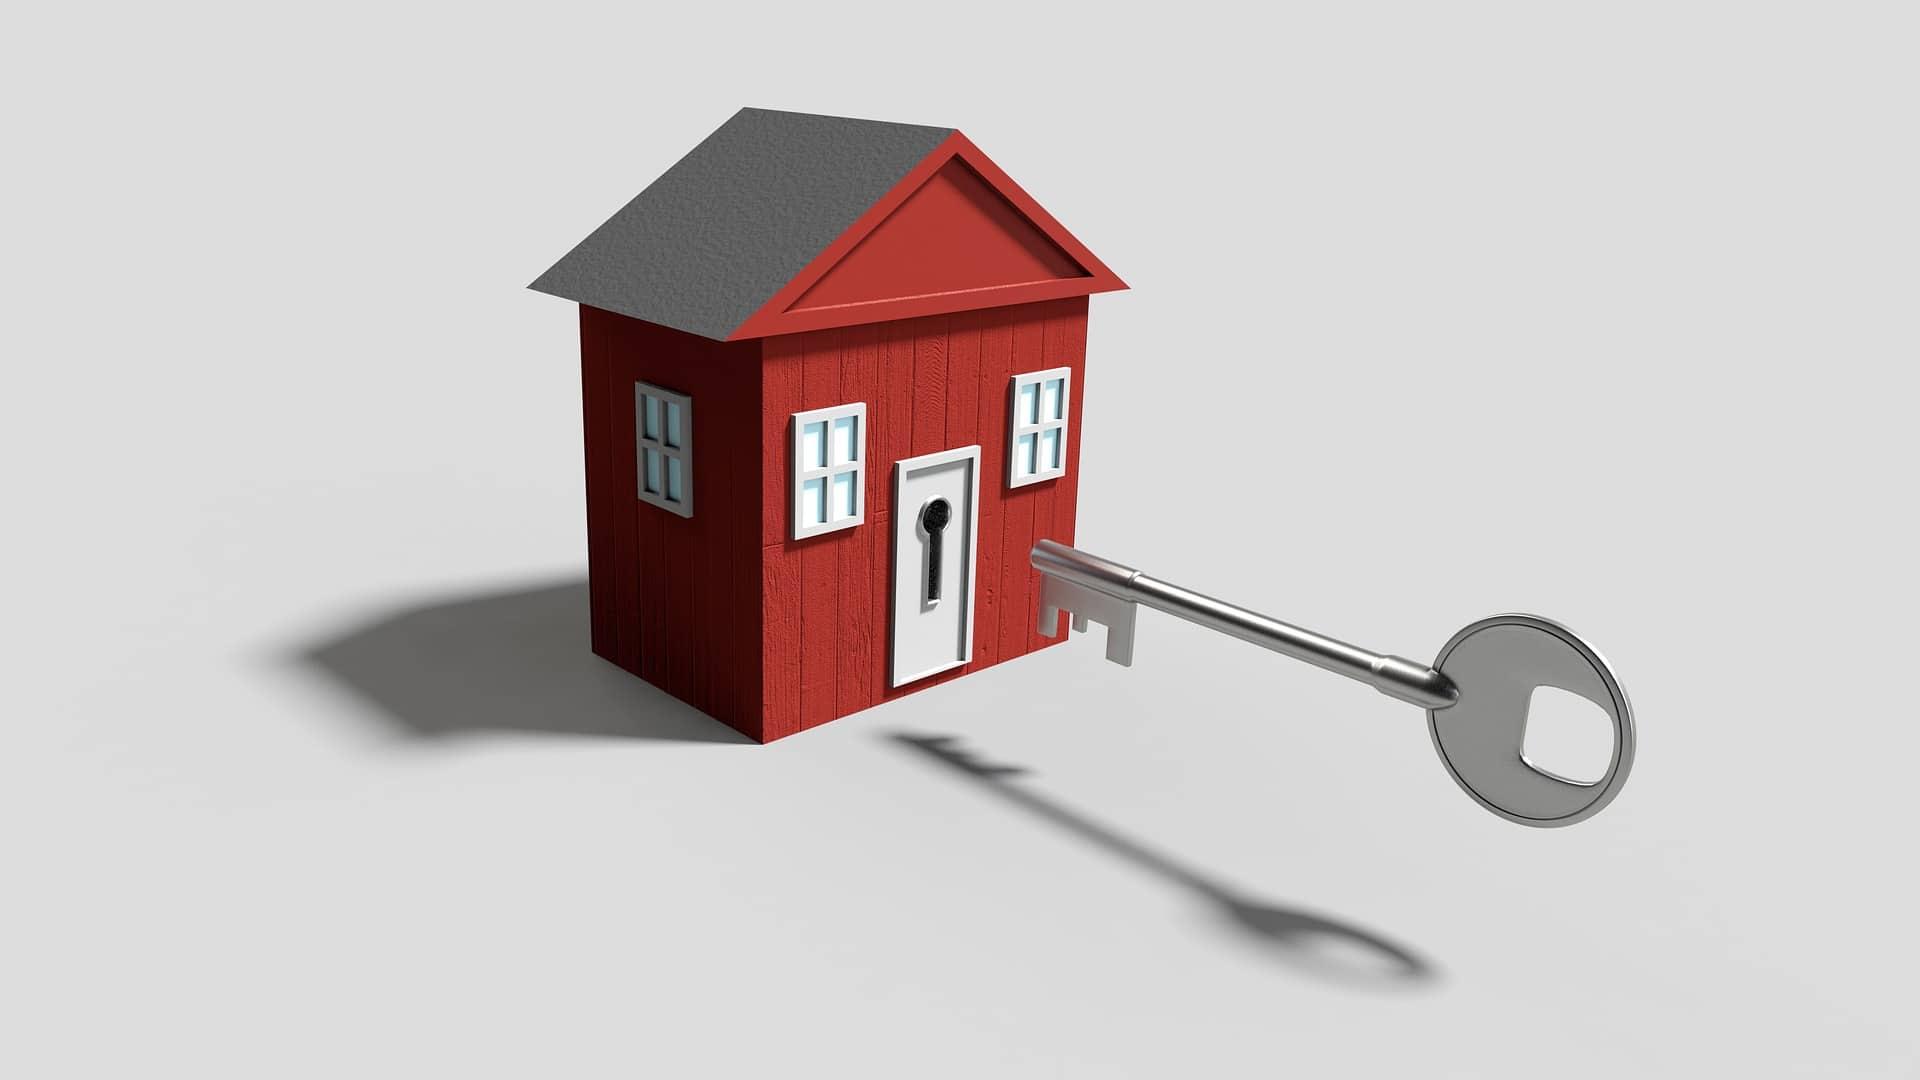 3 conseils pour louer toute l'année à des bons locataires !